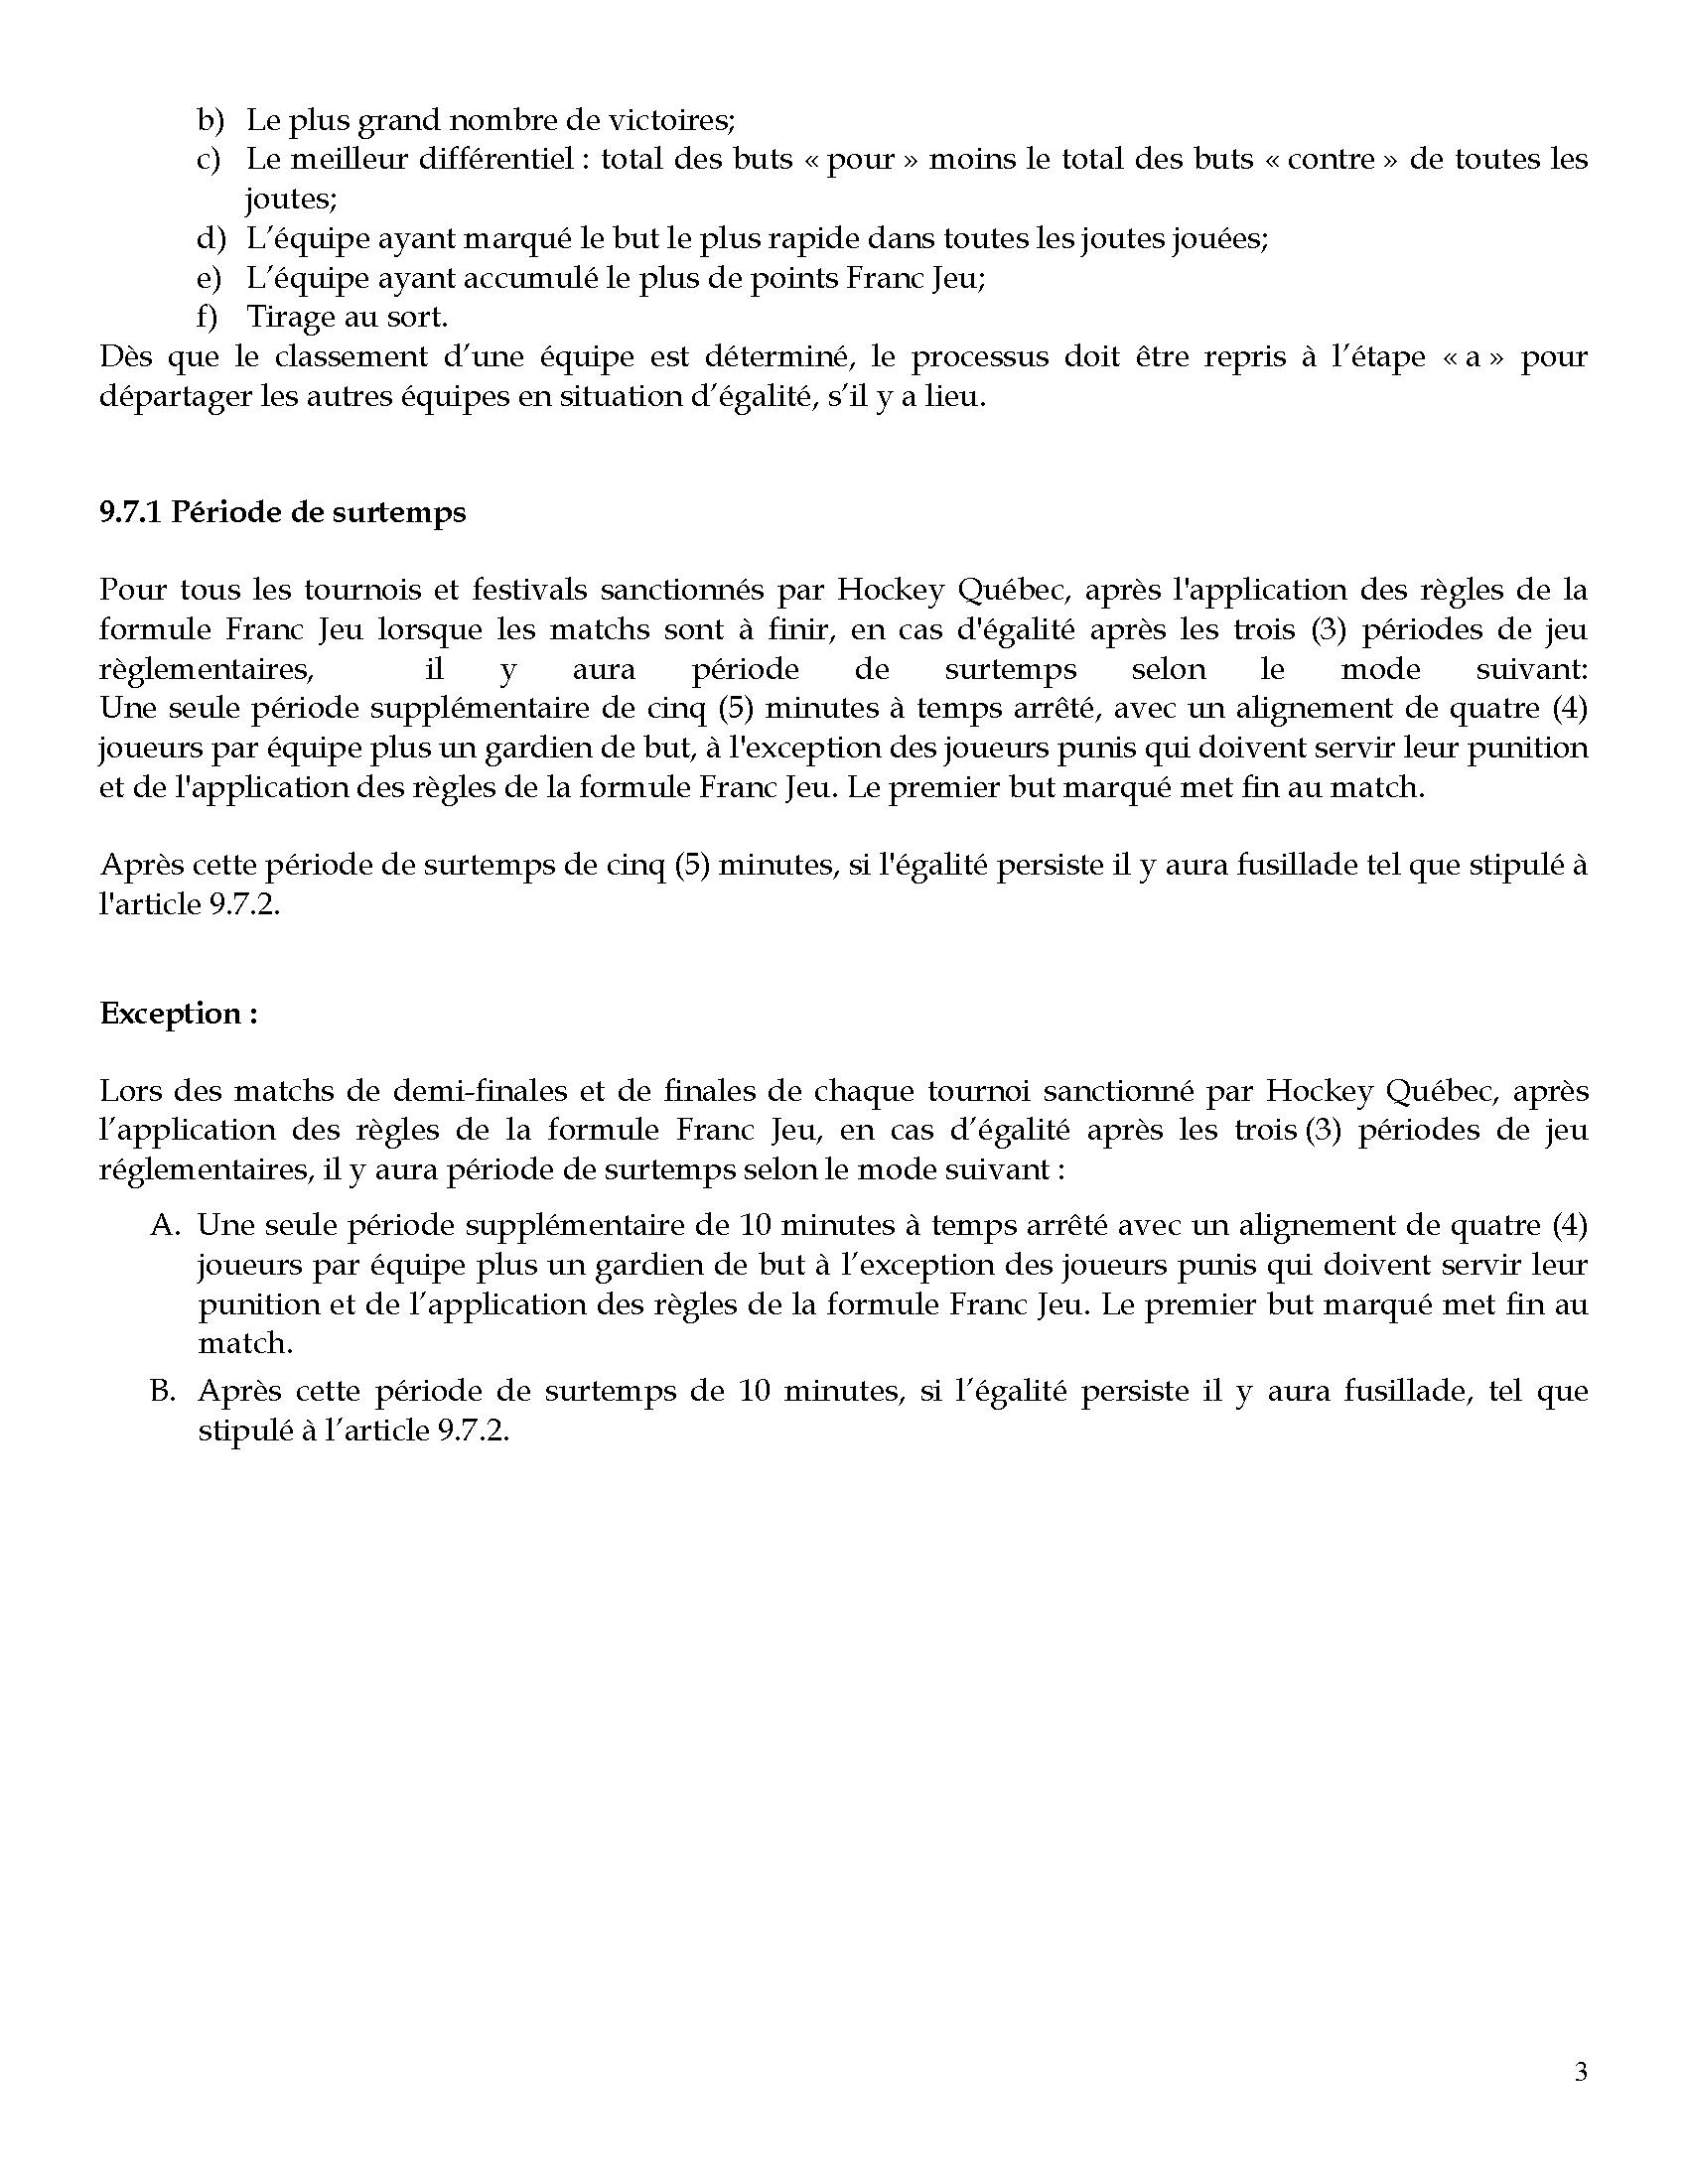 Reglements_Richelieu_2020_Page_3.png